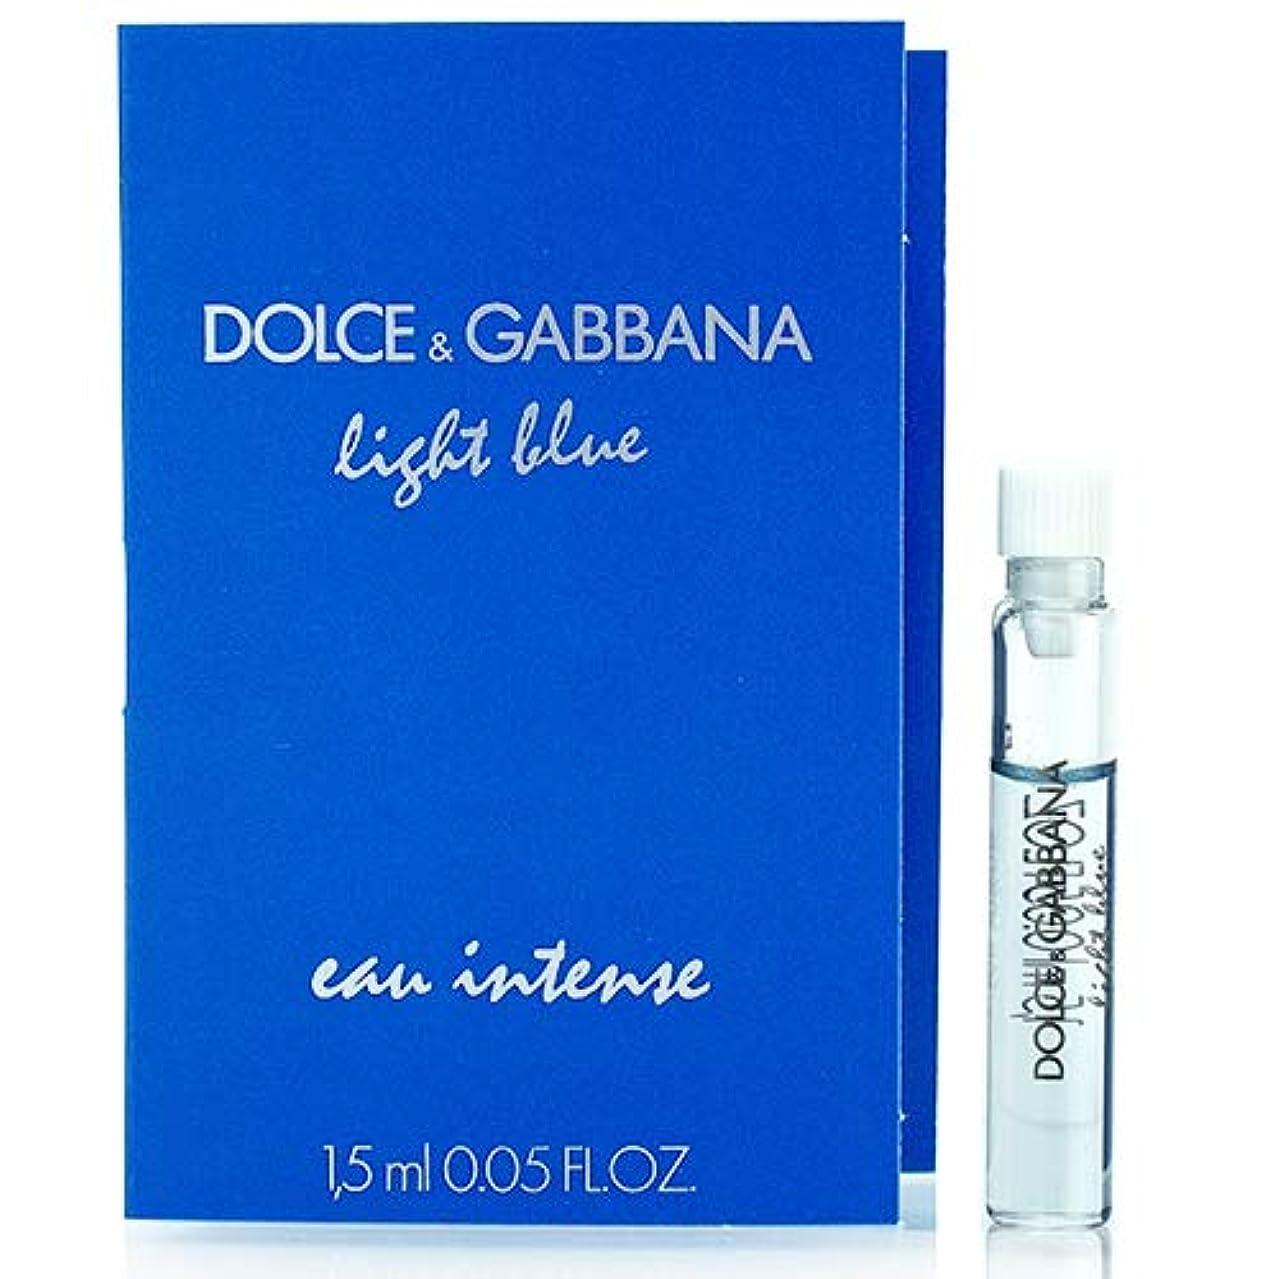 小数アイザックパワーセルドルチェ&ガッバーナ D&G ライトブルー オーインテンス オードパルファム EDP スプレー 1.5ml ミニ香水 サンプル 香水 DOLCE GABBANA [並行輸入品]